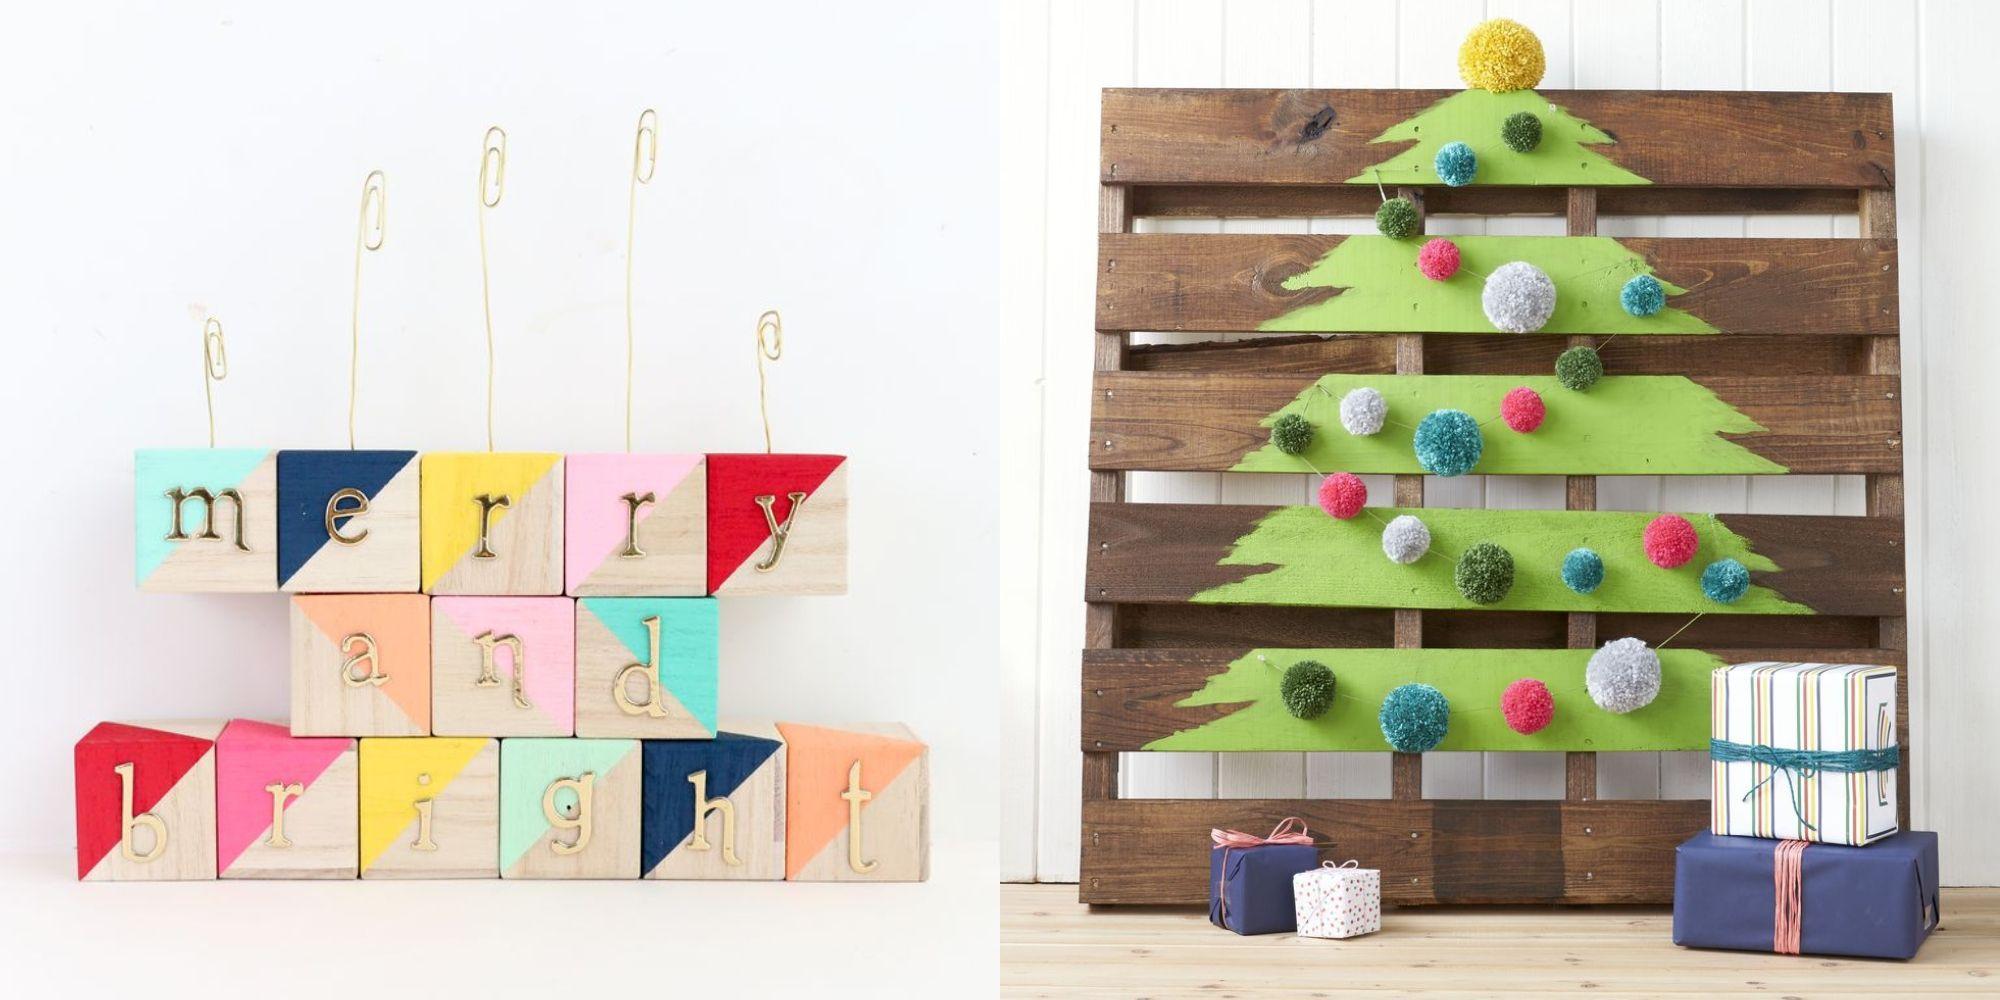 Christmas Decor You Can Actually Make